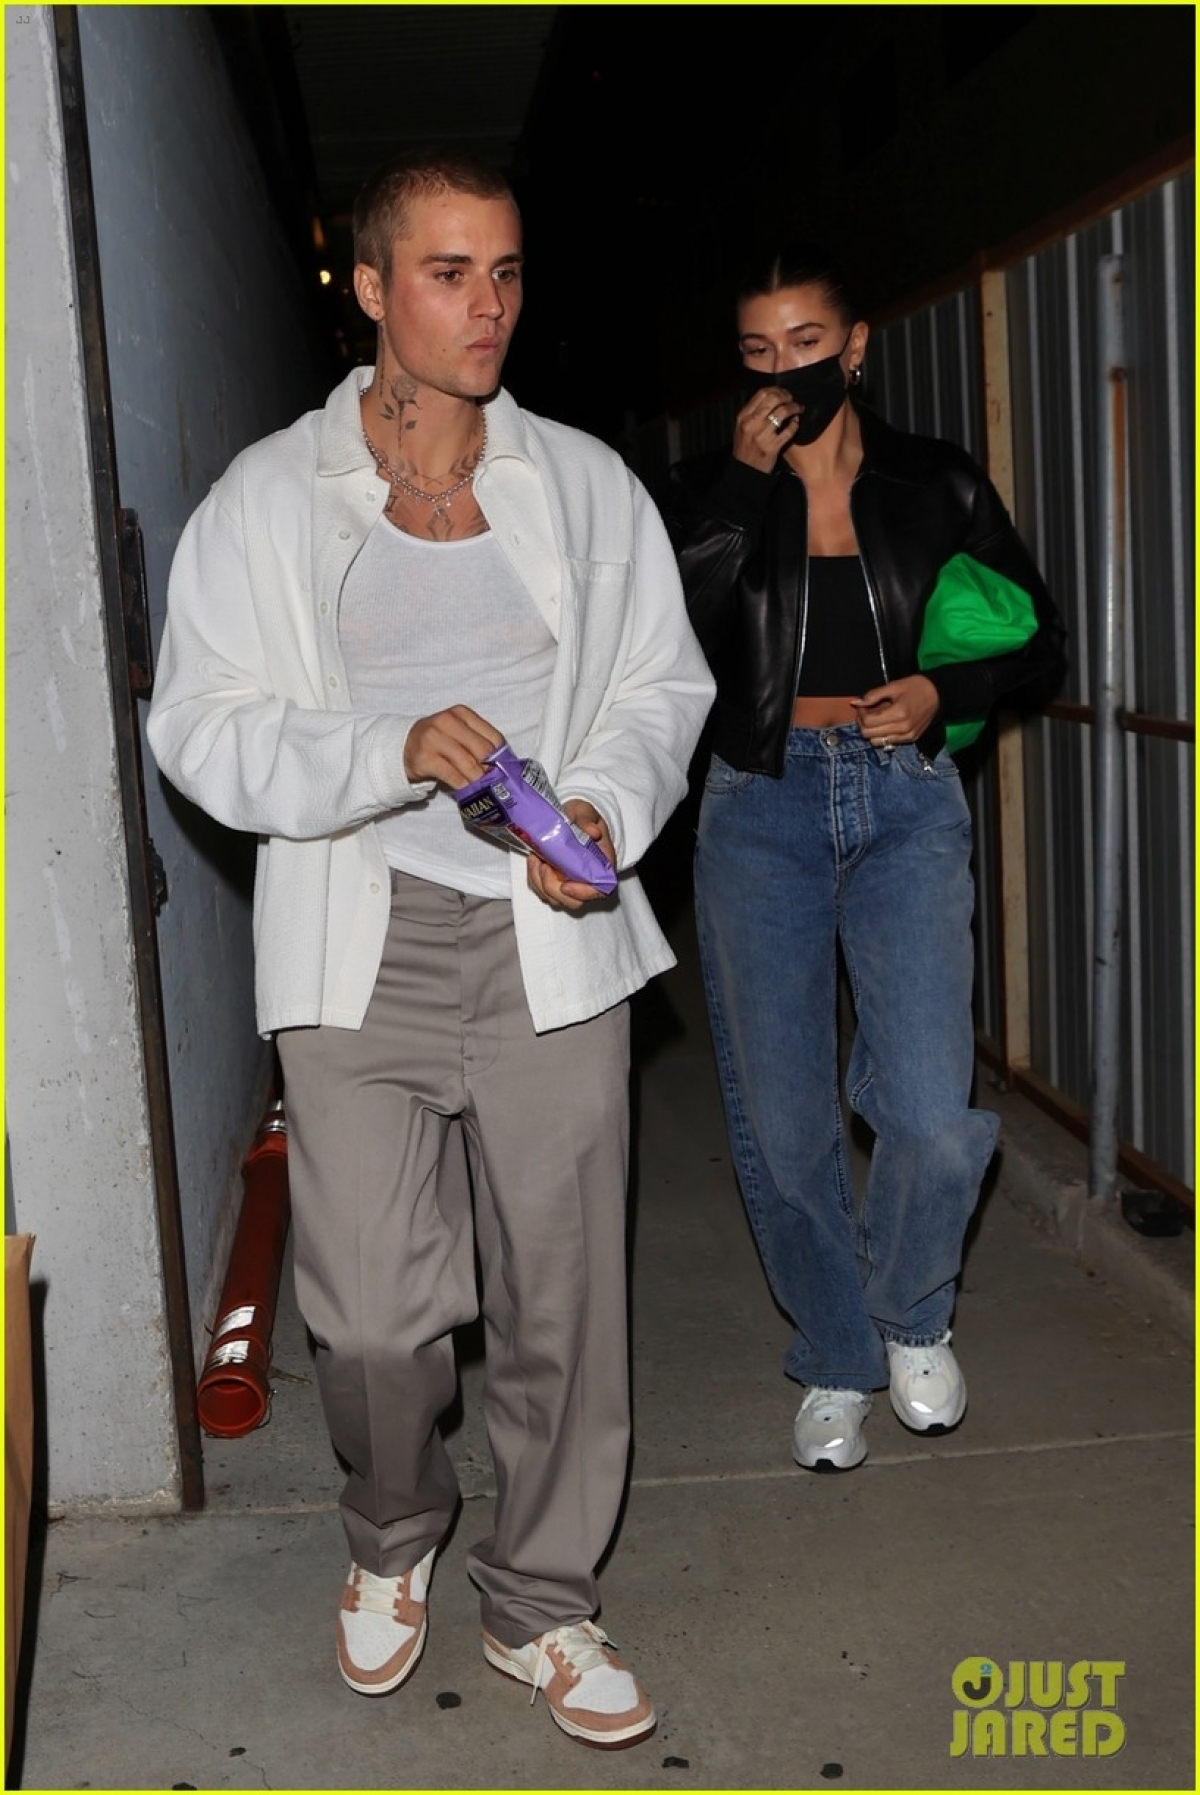 Người mẫu 24 tuổi cho biết muốn sống trọn đời mãi mãi bên Justin Bieber và cô luôn sẵn sàng nỗ lực vì mong muốn cả hai sẽ cùng nhau già đi.